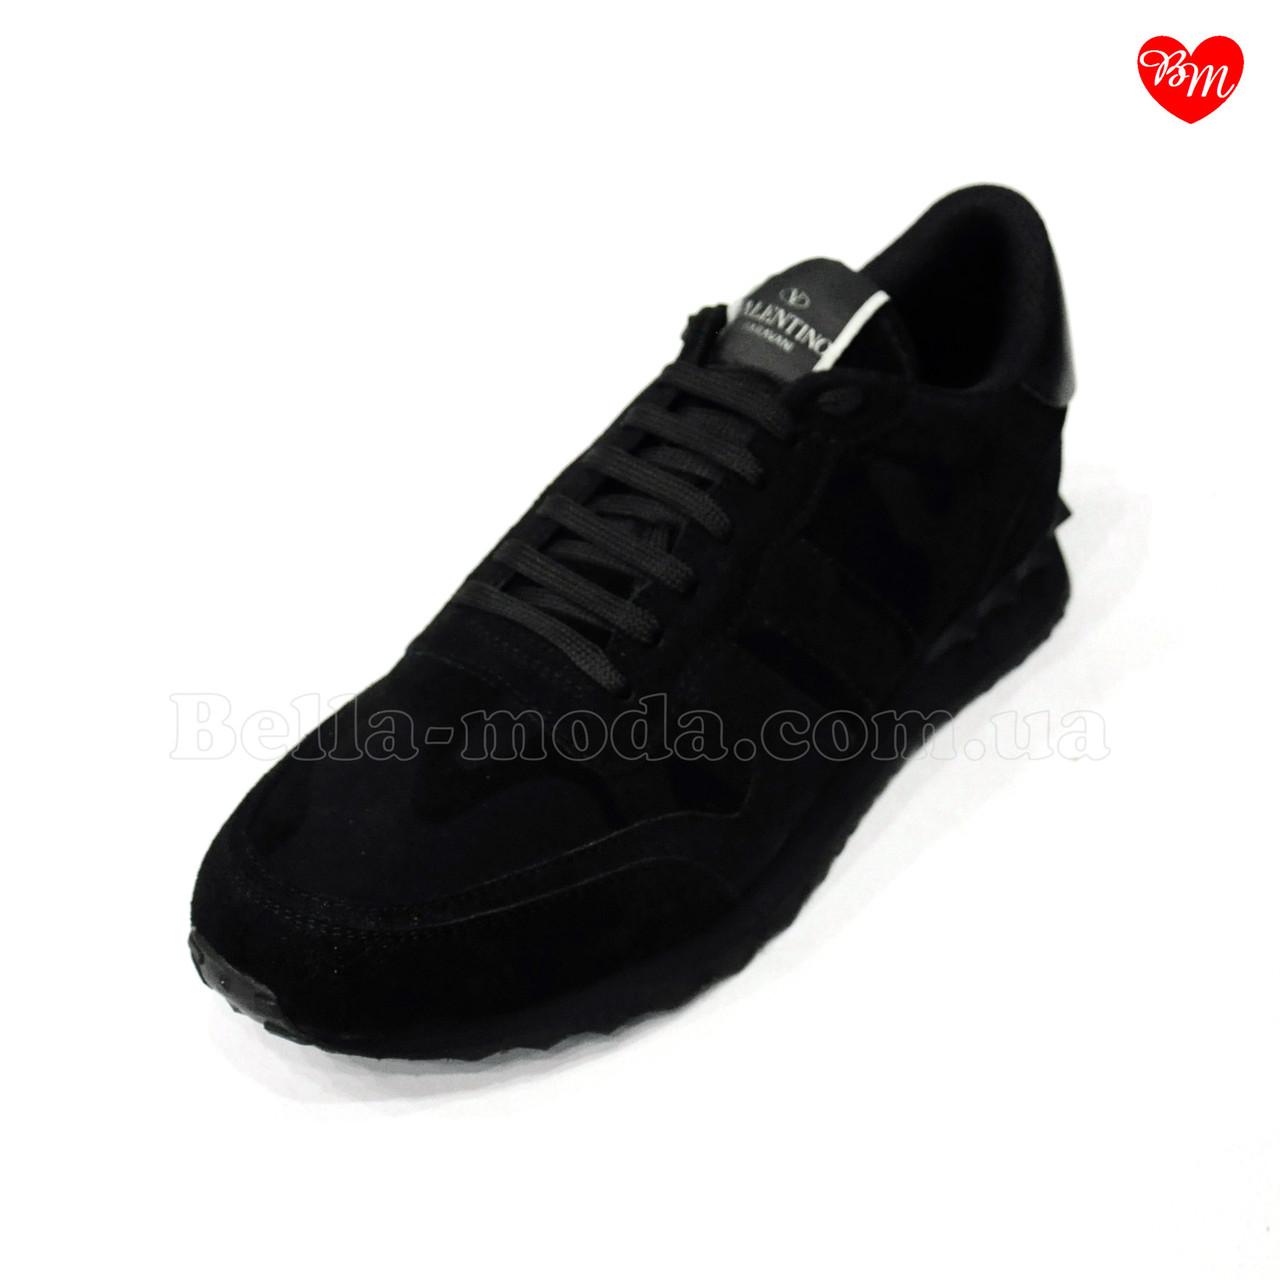 2ece6cacae9e Купить Мужские кроссовки Valentino камуфлированные в розницу от ...